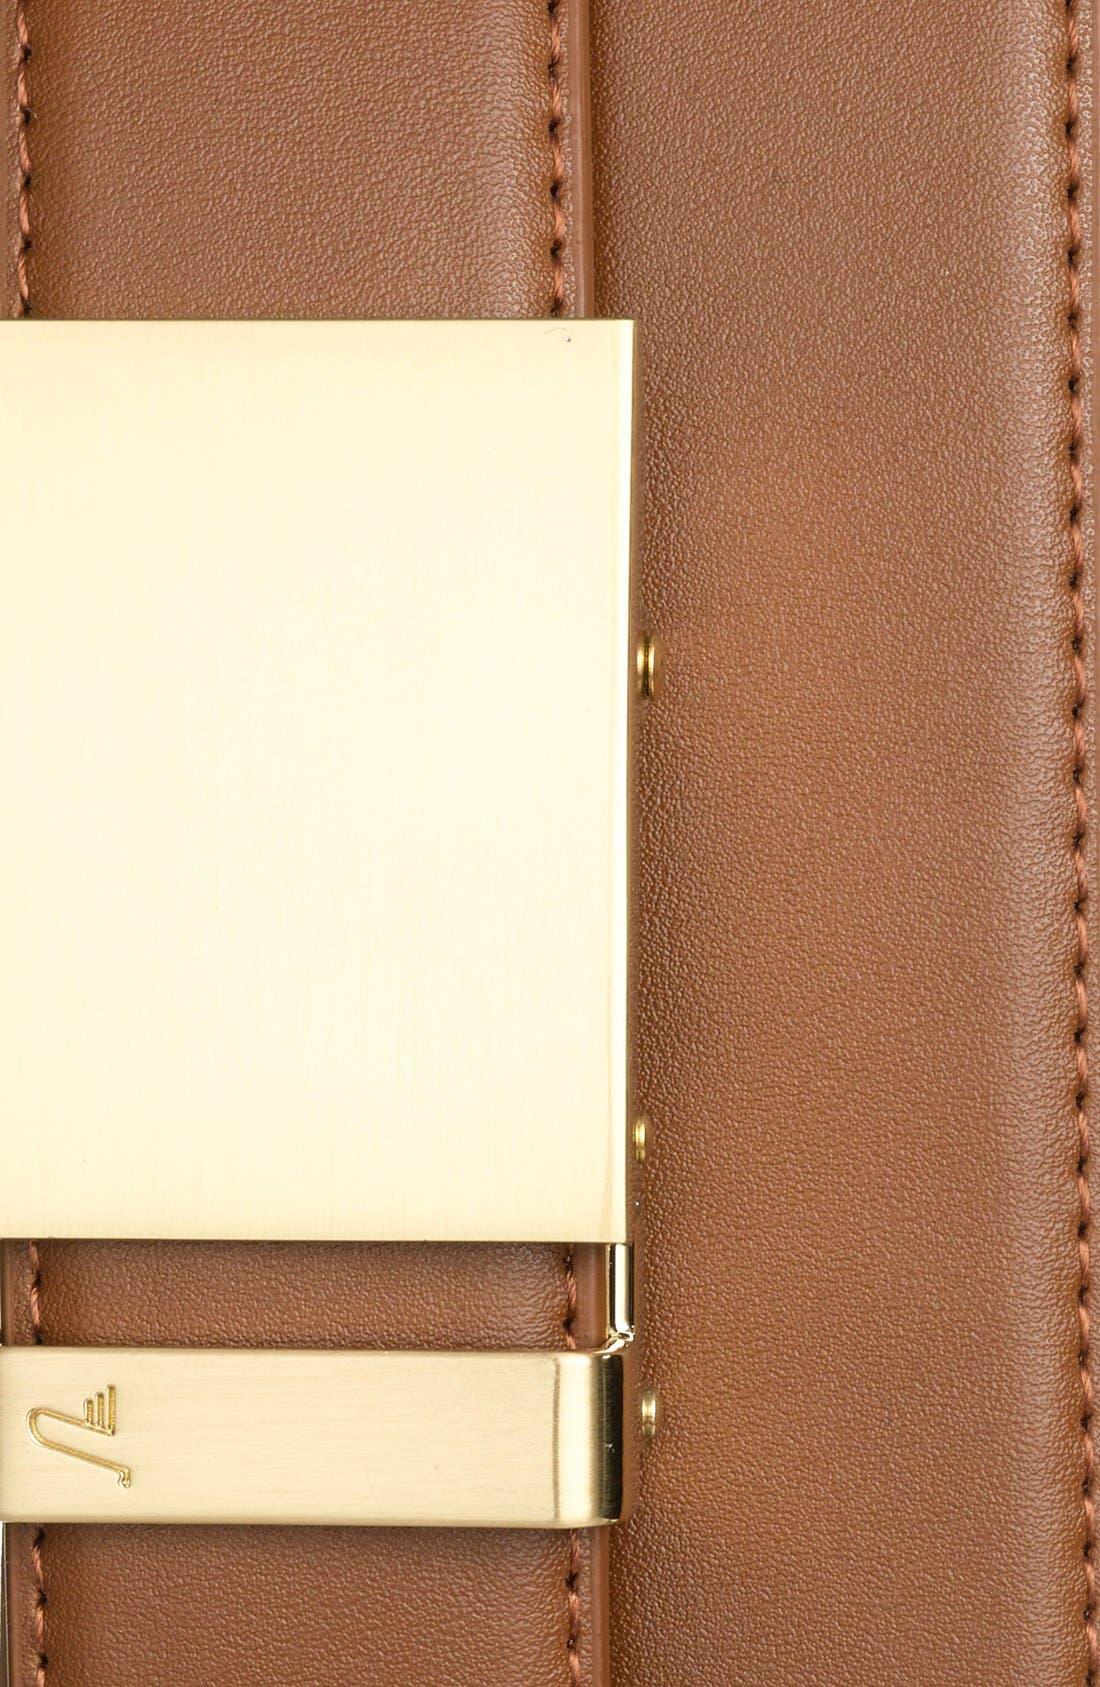 MISSION BELT, 'Gold' Leather Belt, Alternate thumbnail 2, color, GOLD/ TAN